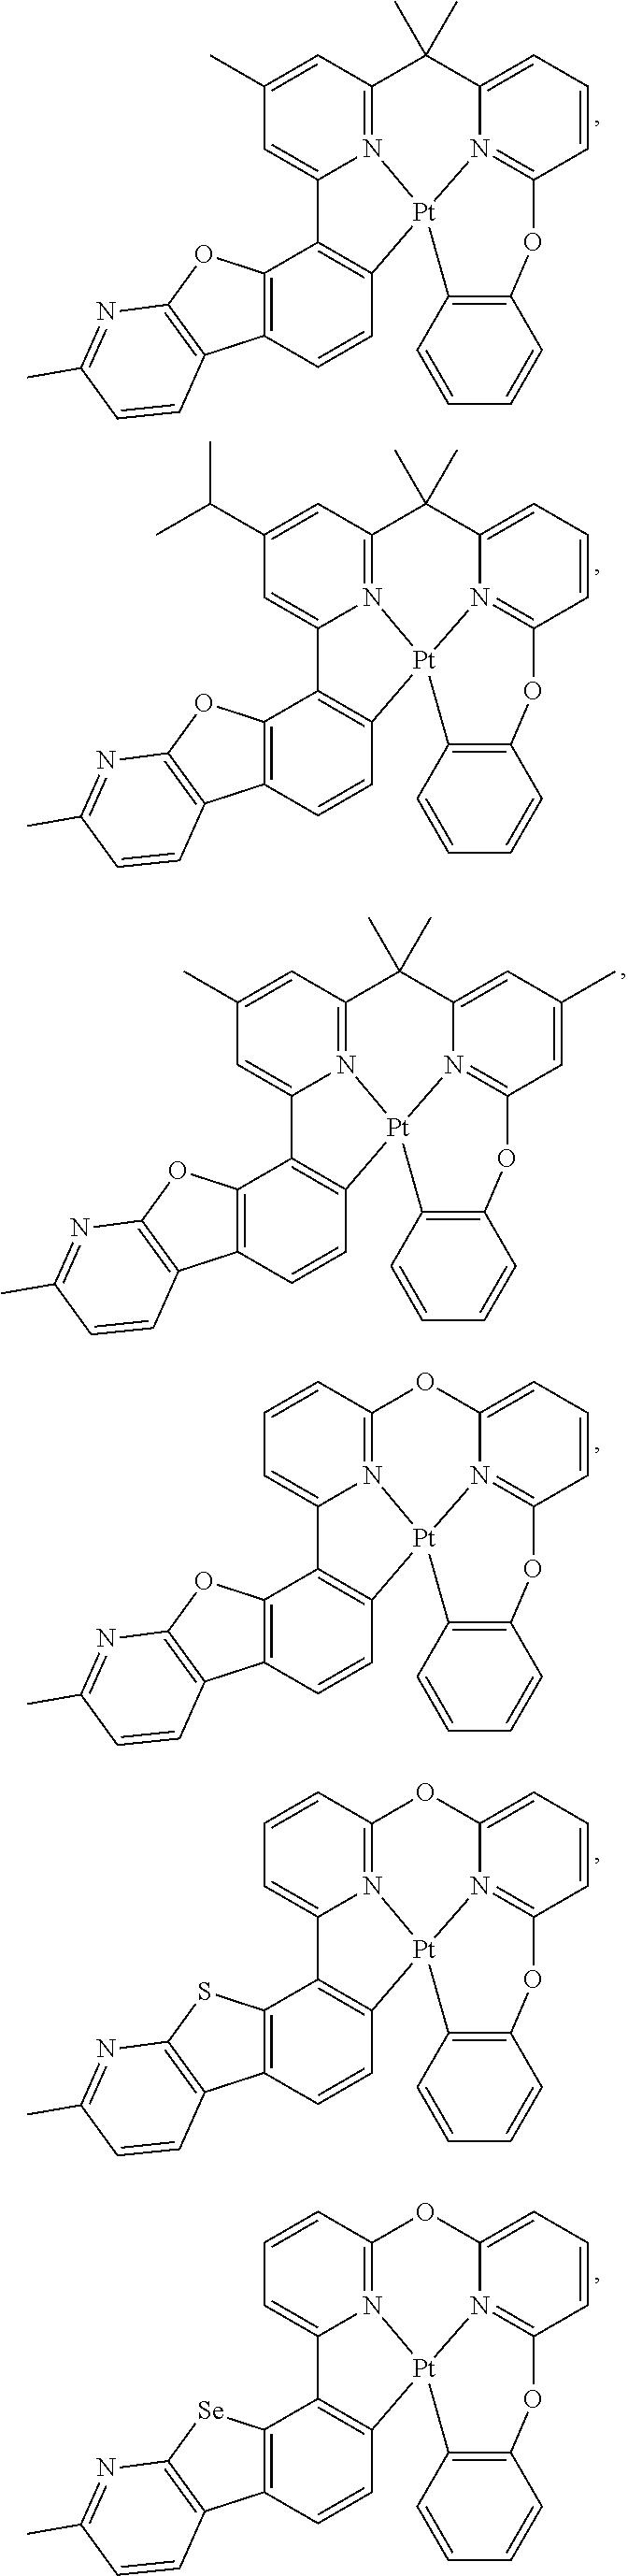 Figure US09871214-20180116-C00035